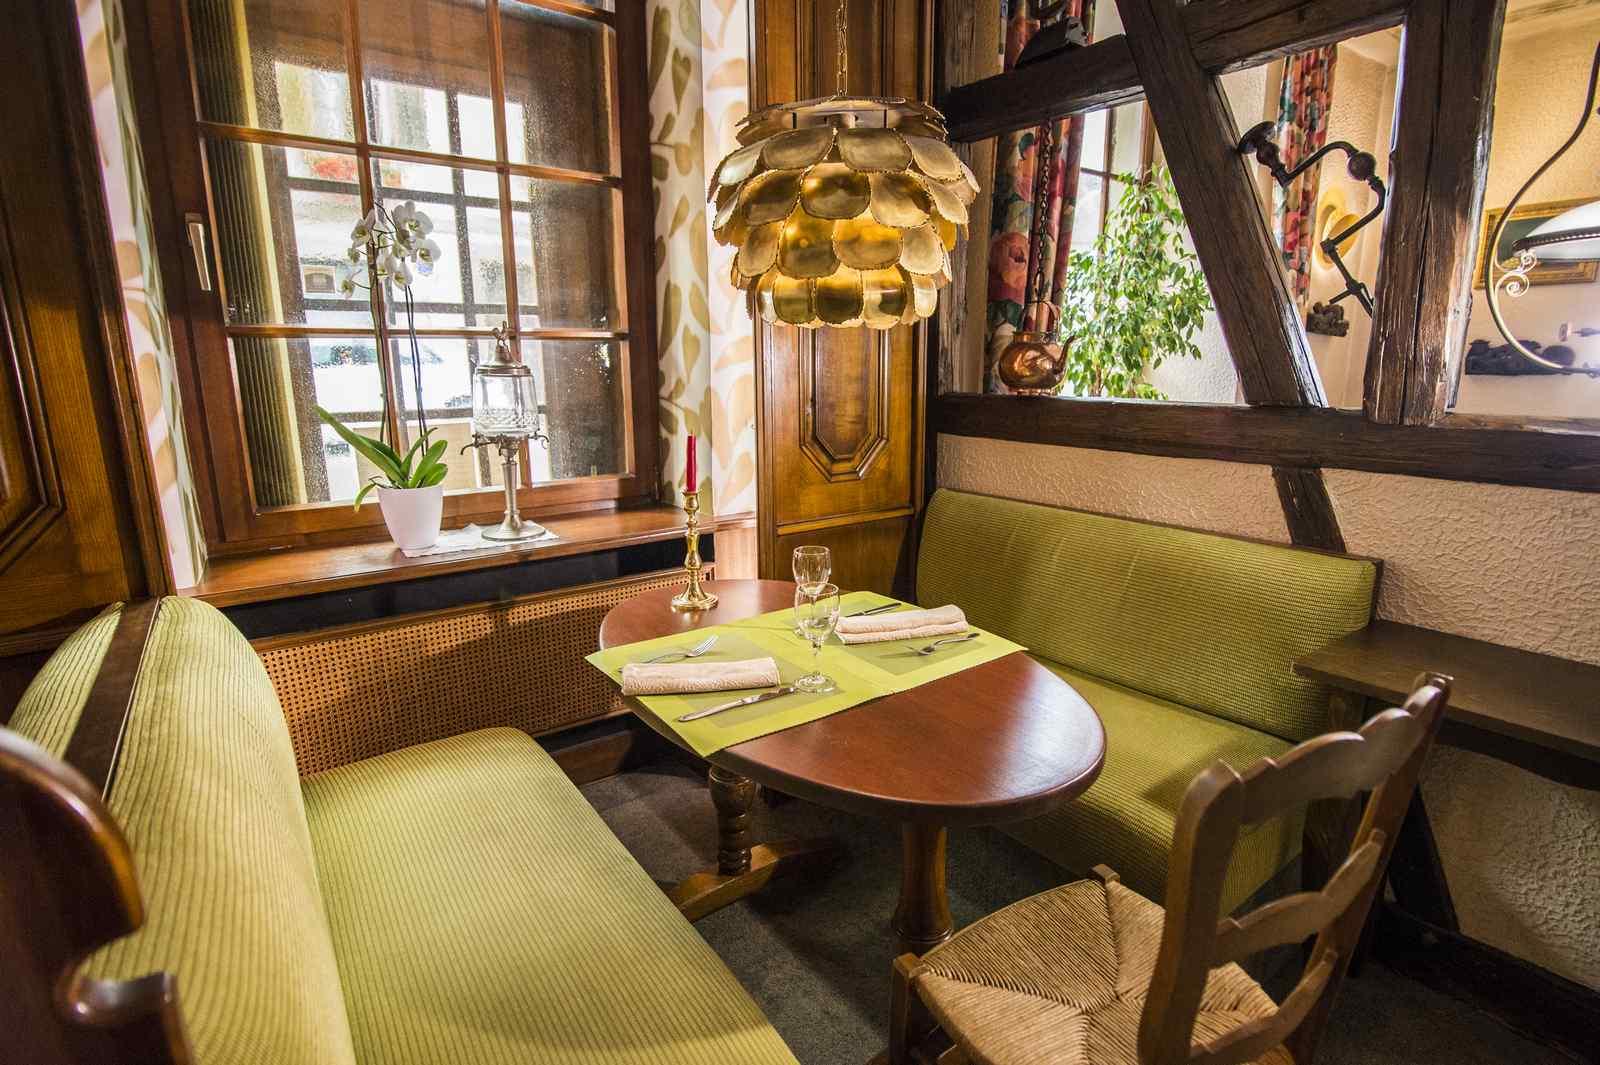 Restaurant 'Au Boeuf Rouge'